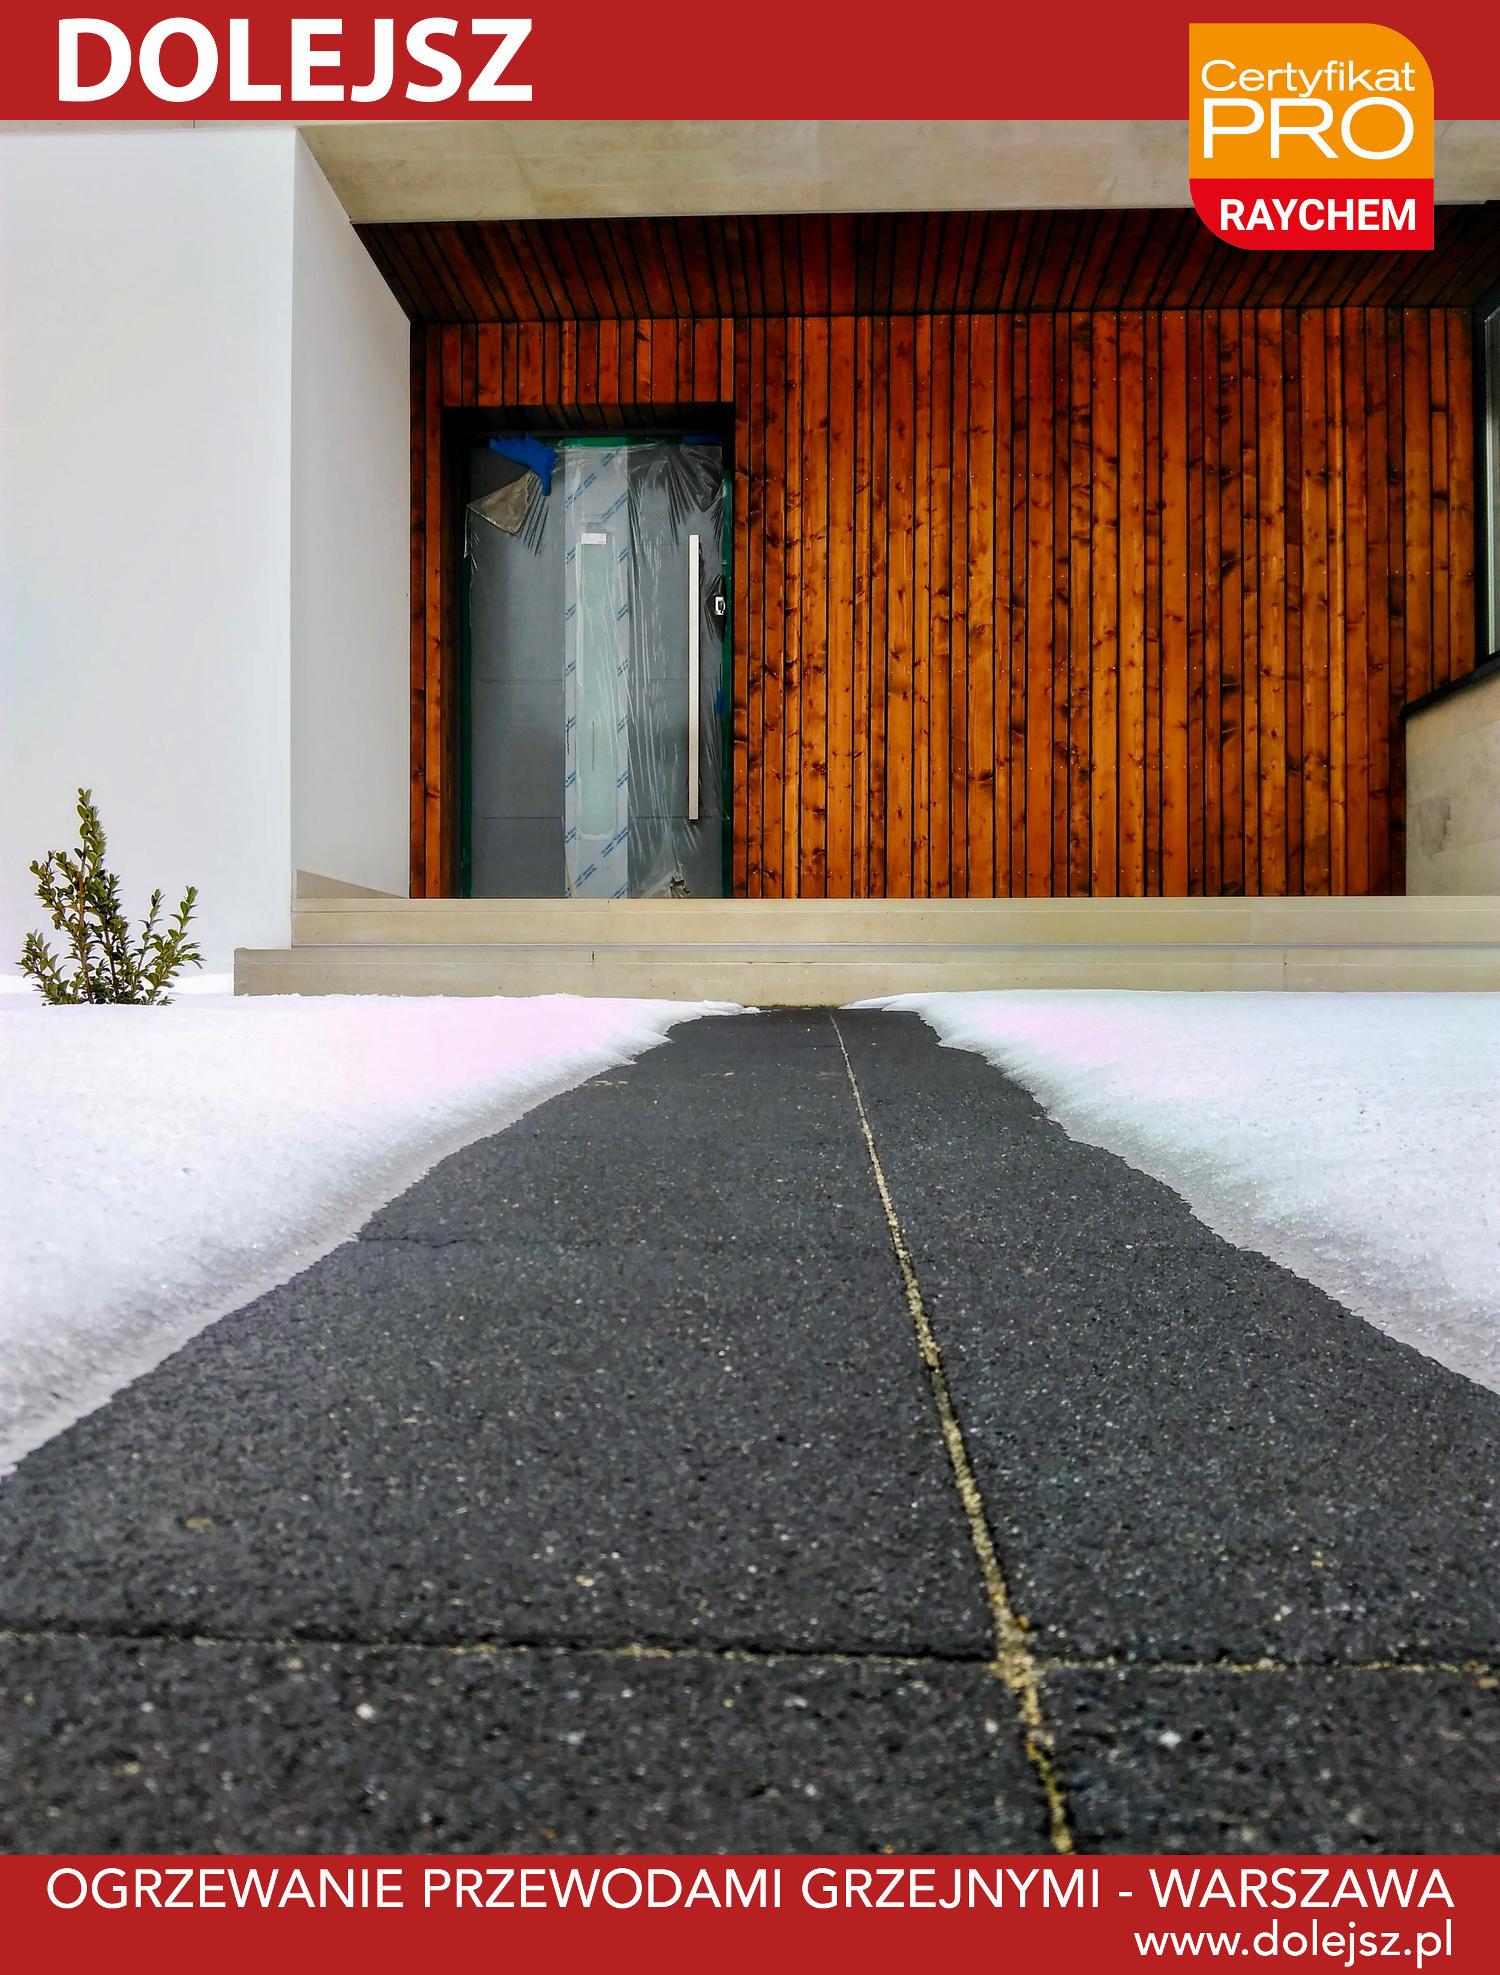 Podgrzewany chodnik bez śniegu i lodu